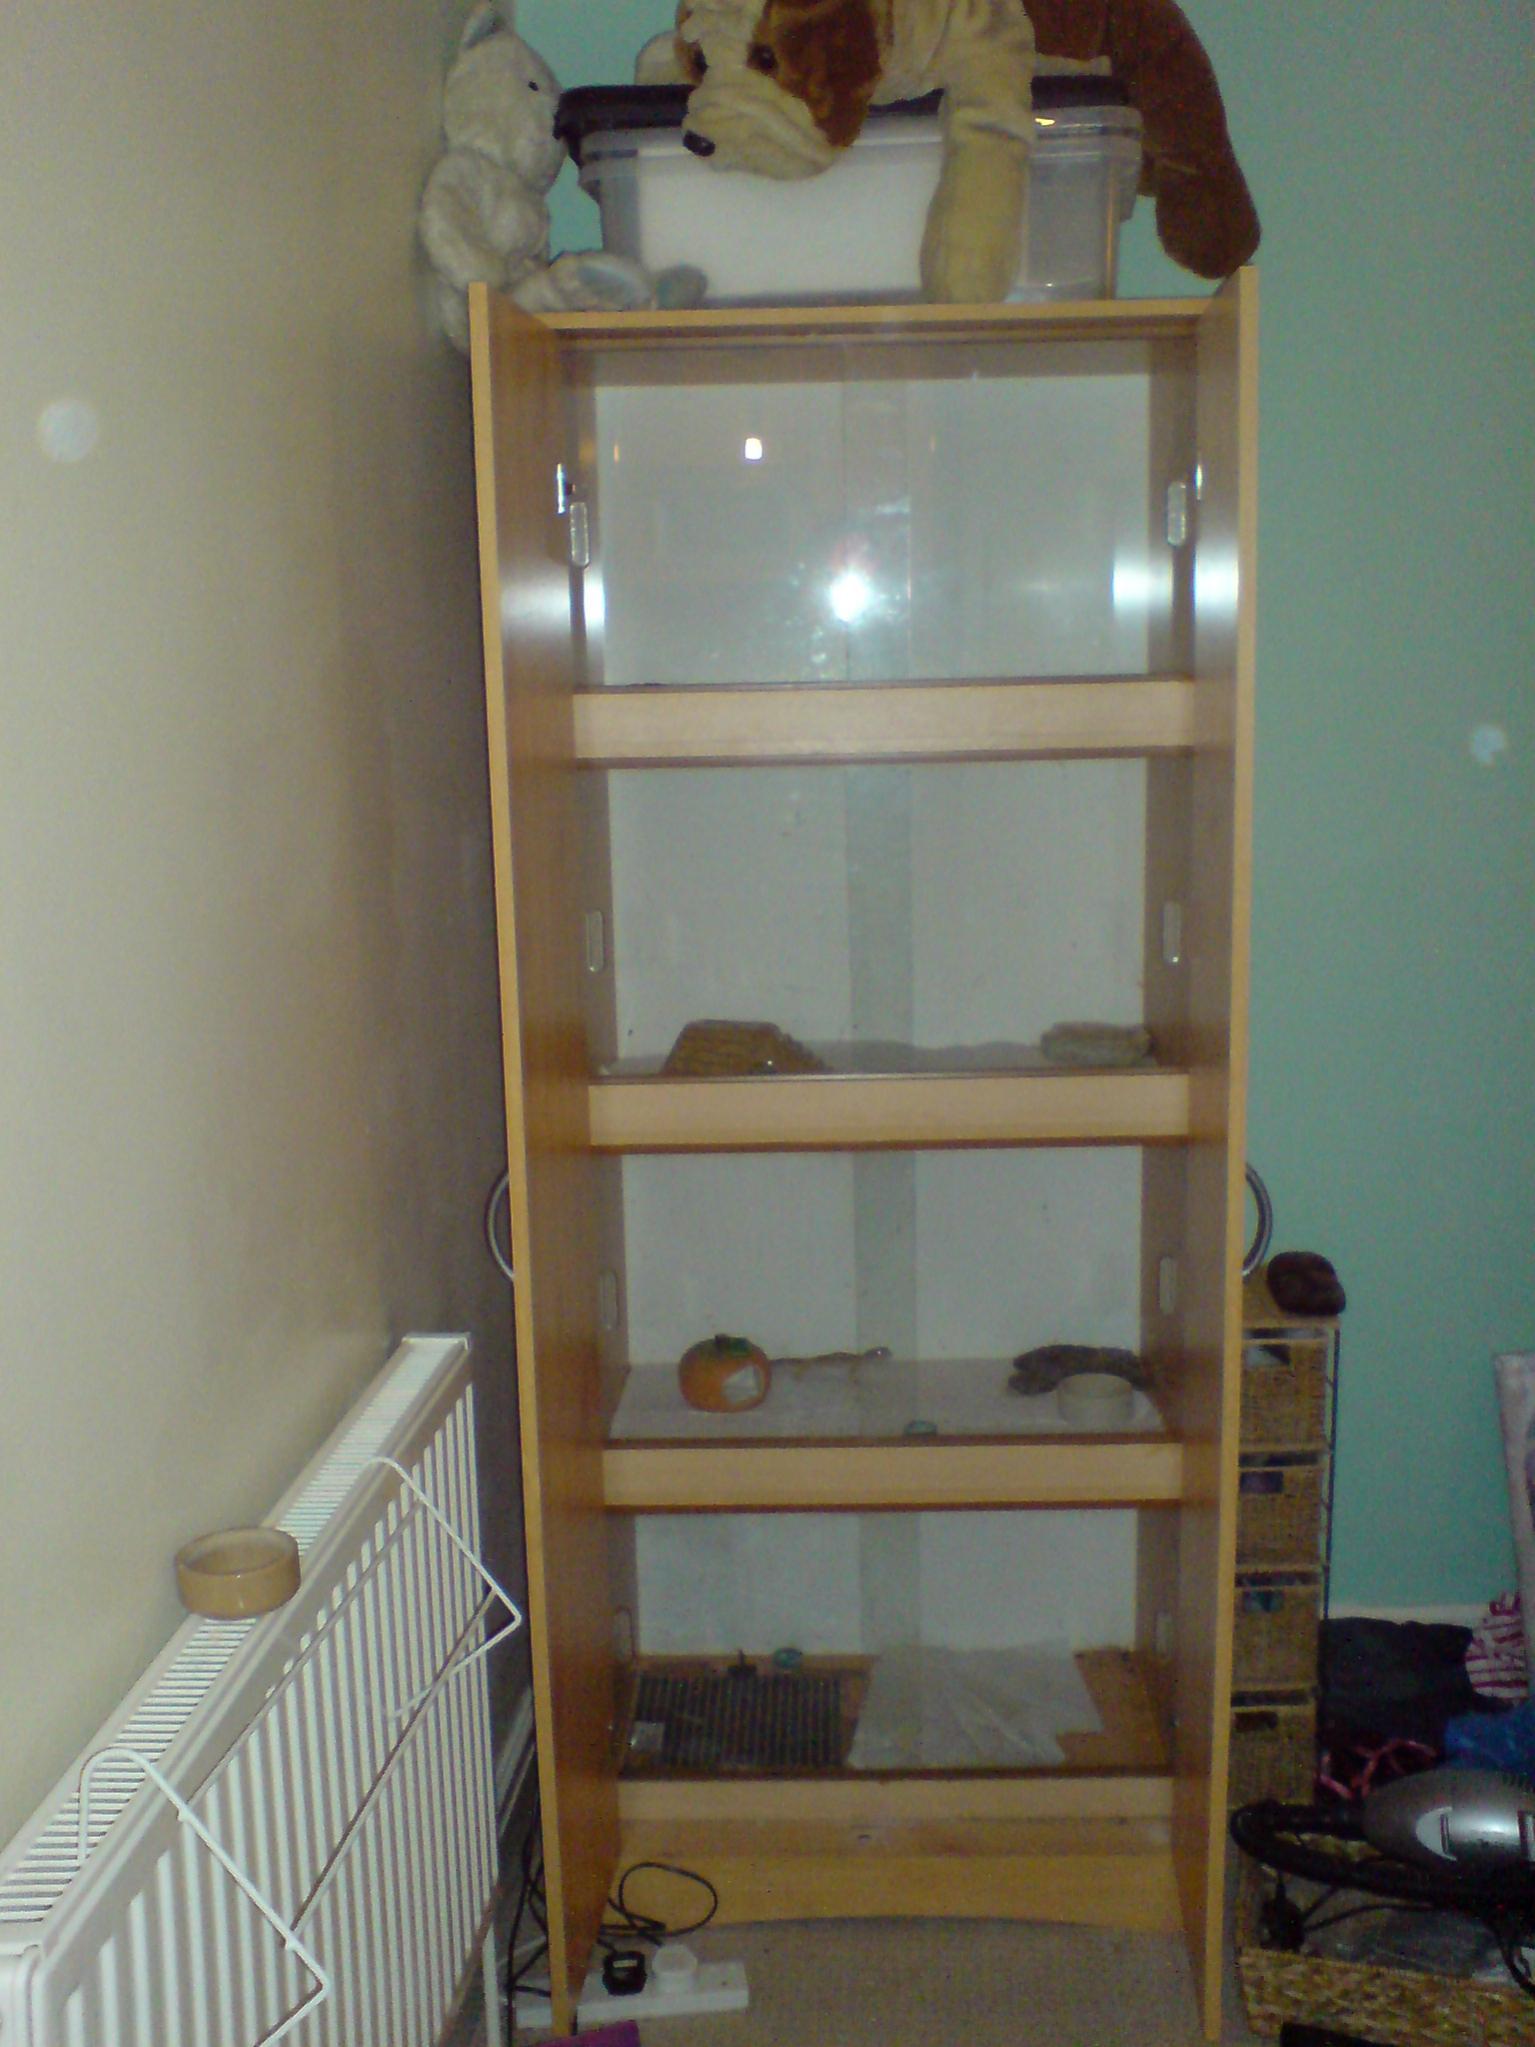 Nw England 4 Vivarium Stack For Sale With Heatmatsglass Doors 4 X